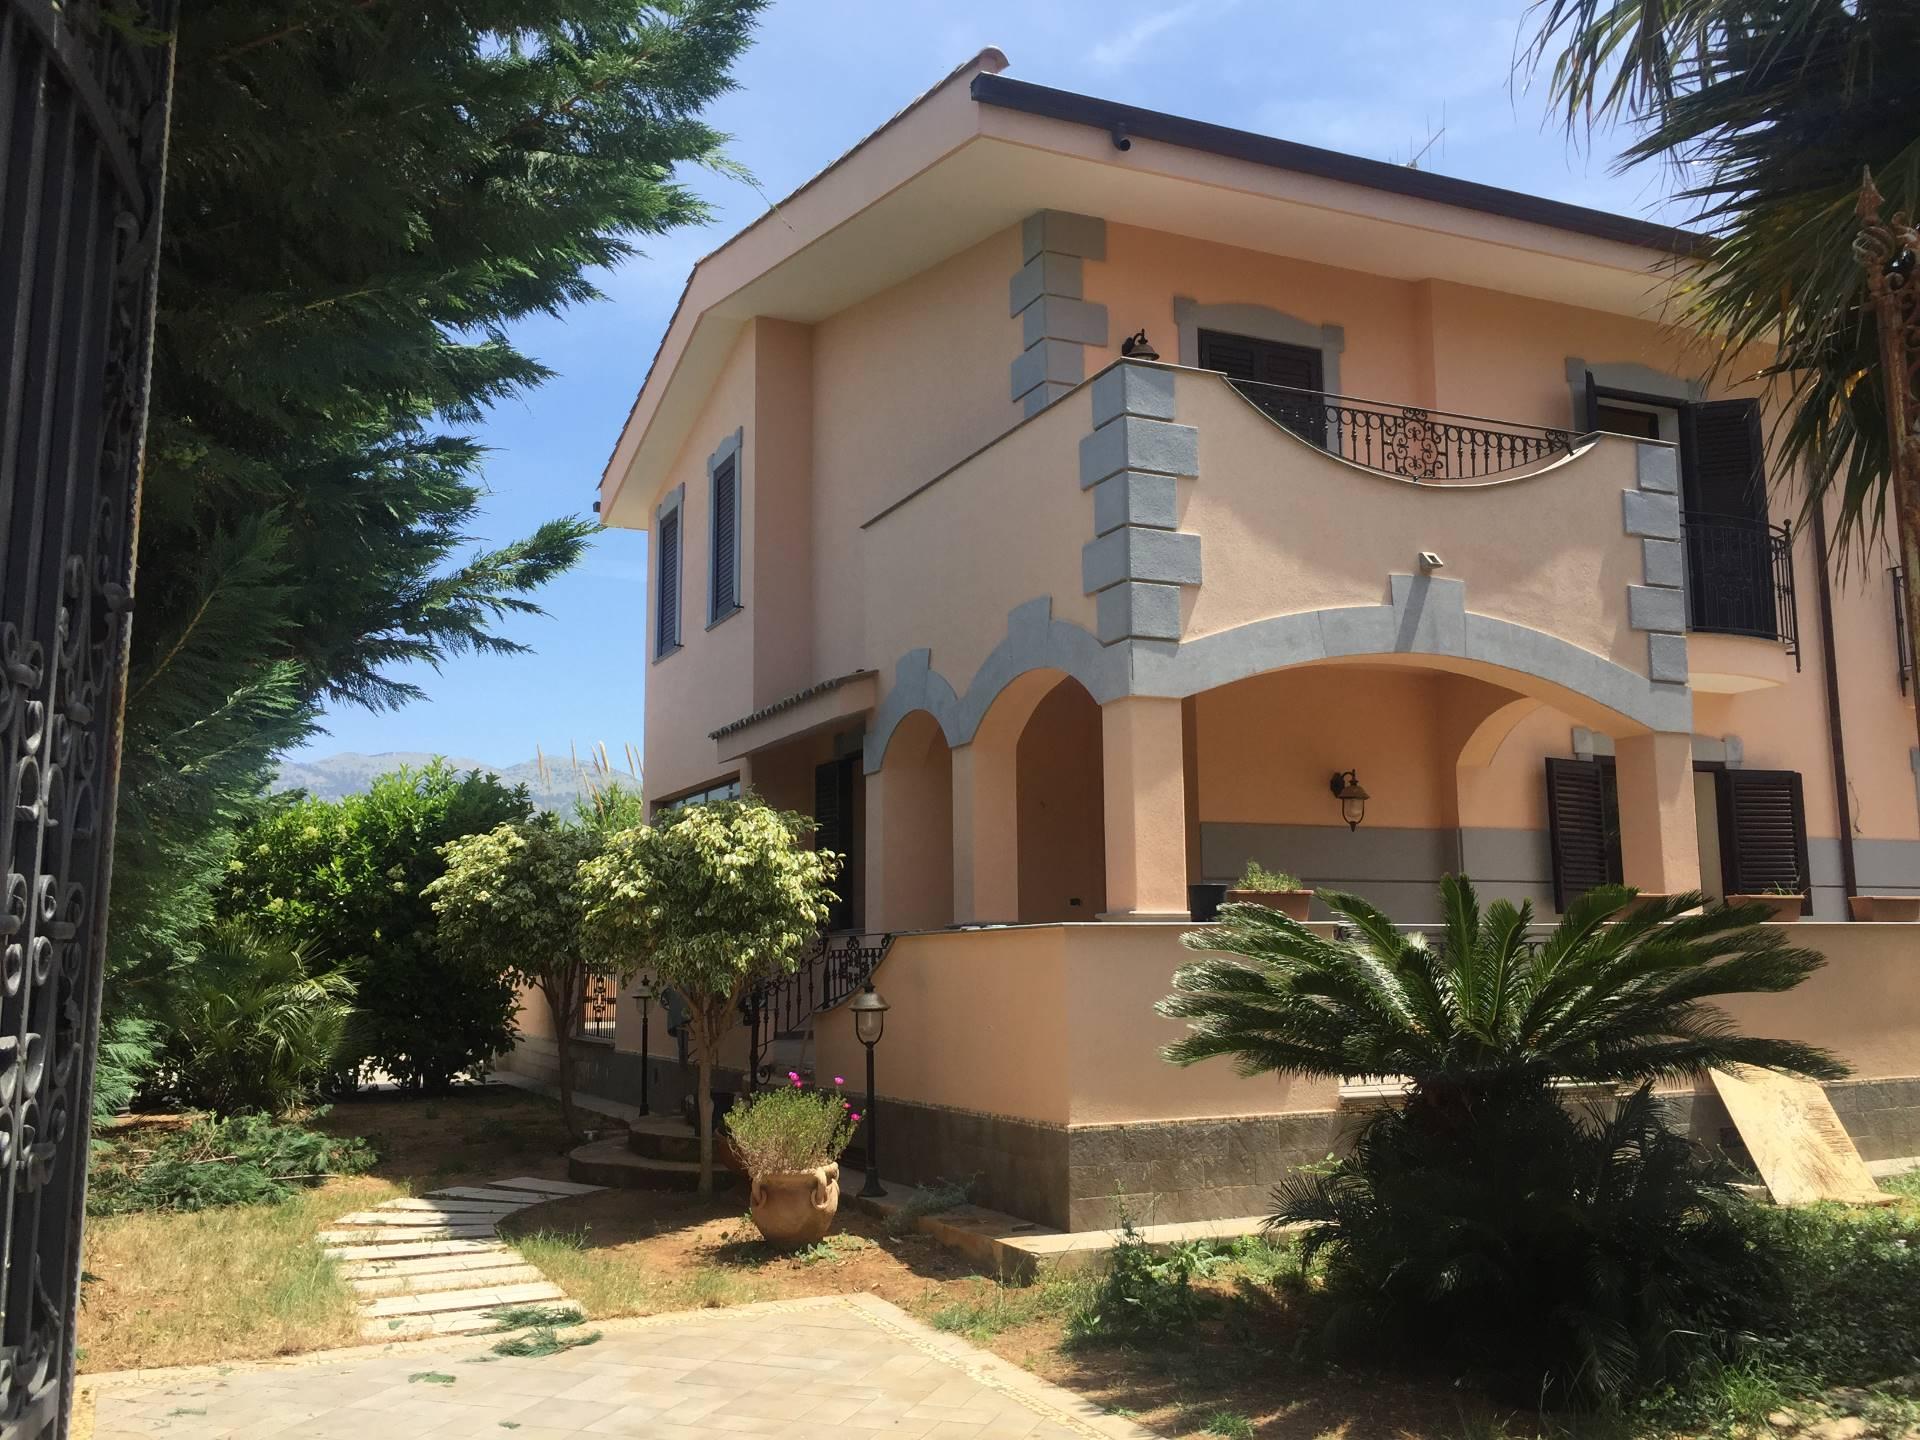 Villa in affitto a Carini, 5 locali, zona Località: J.Walker, prezzo € 900 | Cambio Casa.it